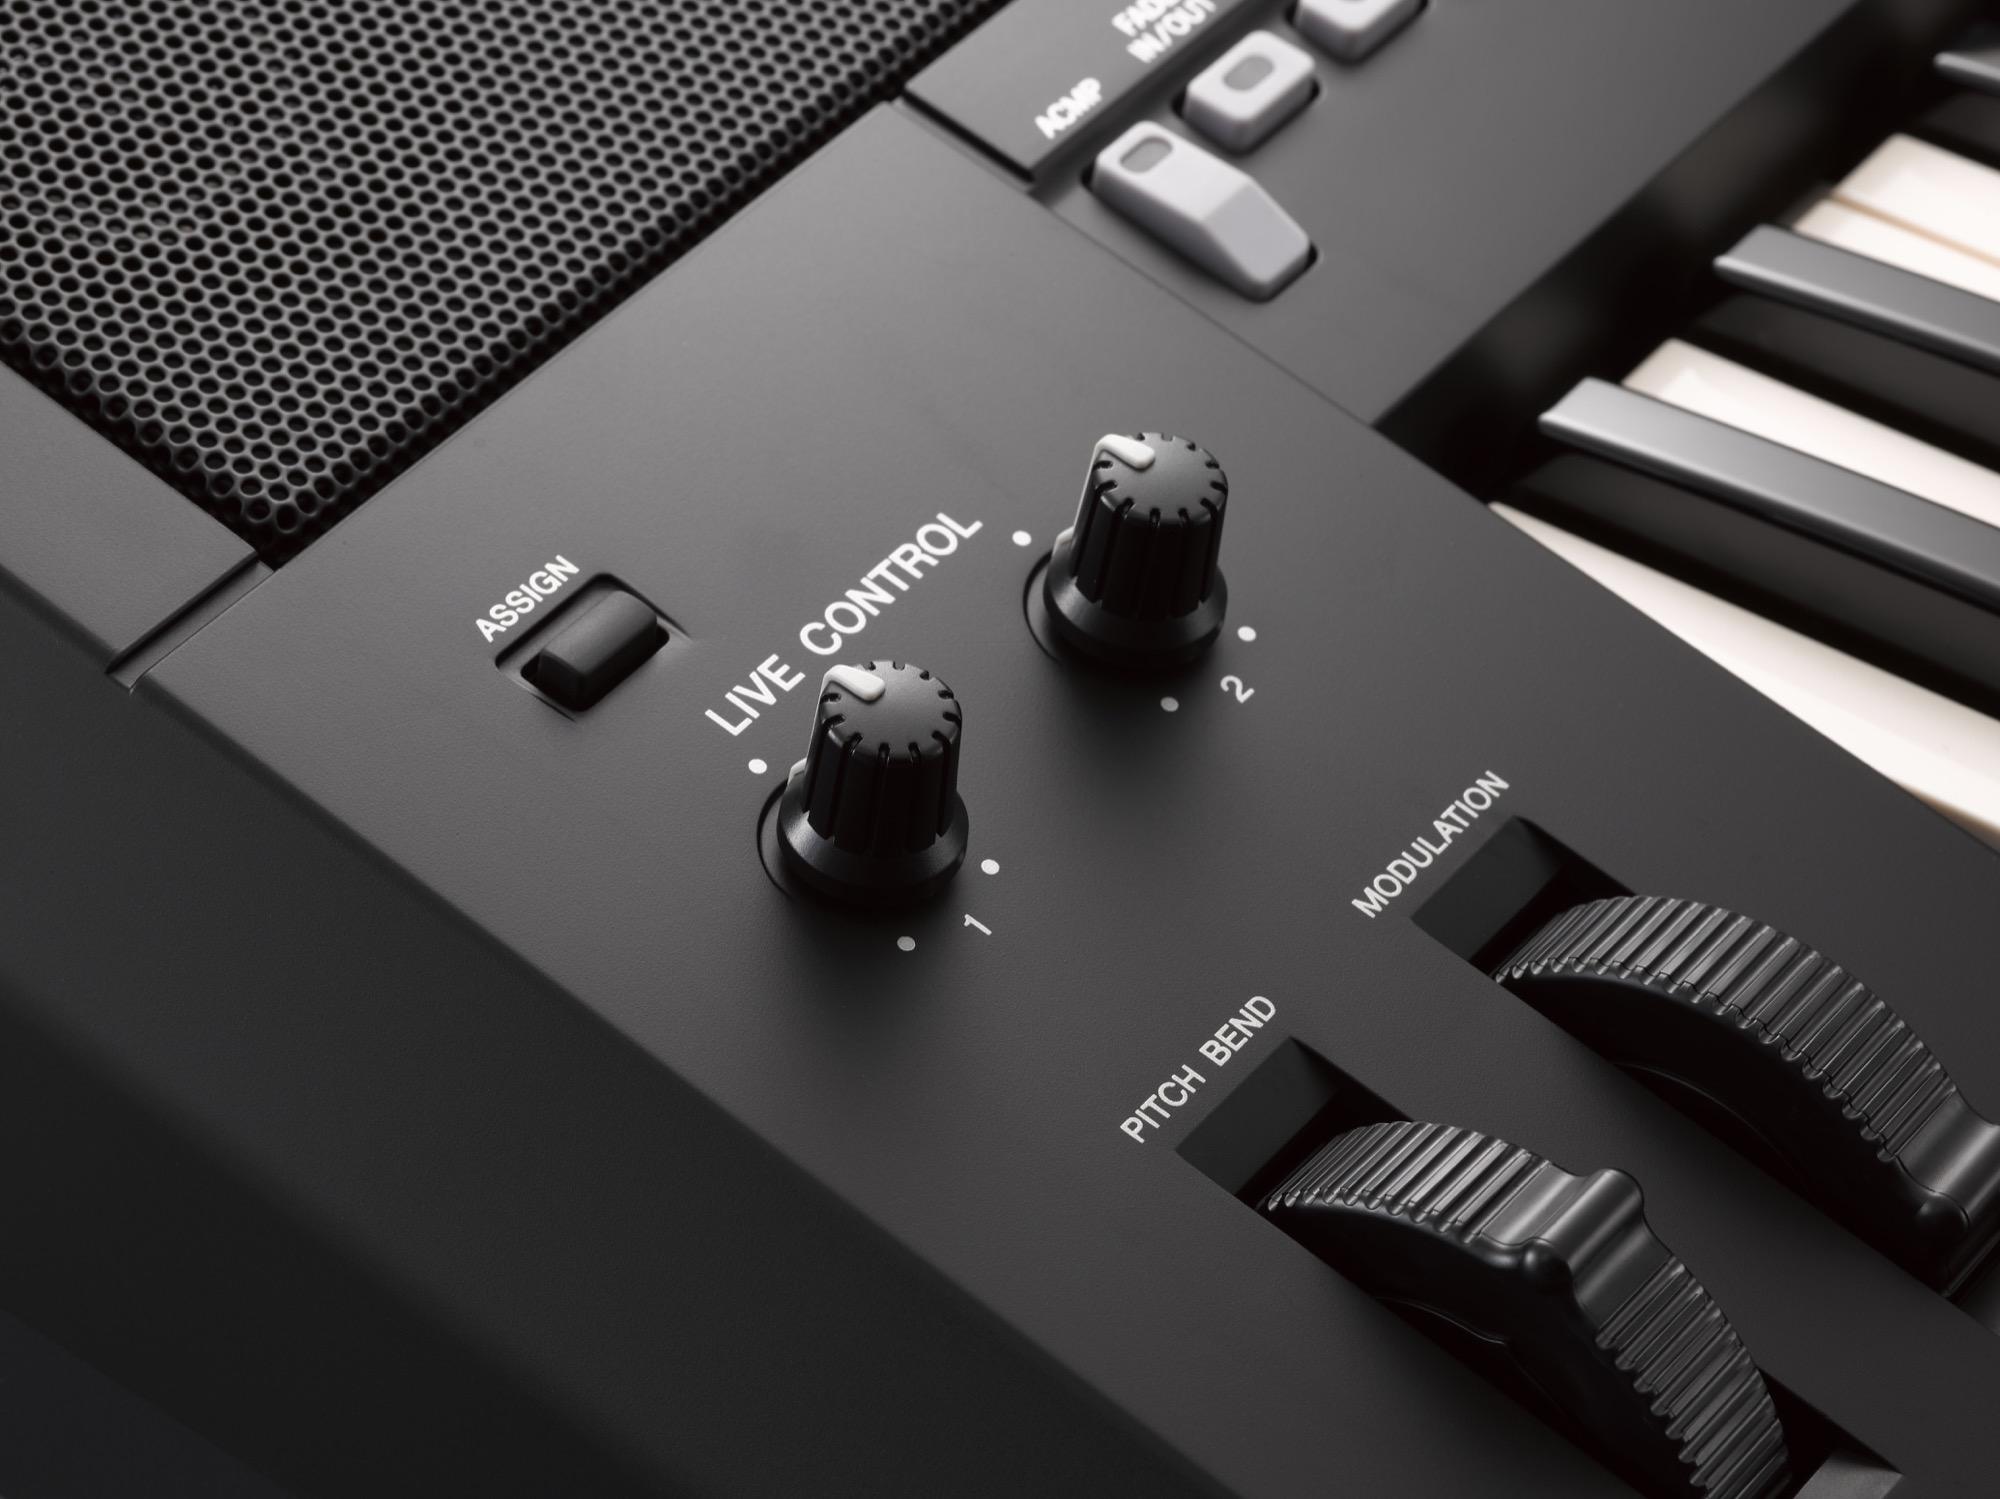 yamaha psr s775 arranger workstation keyboard trax music store. Black Bedroom Furniture Sets. Home Design Ideas